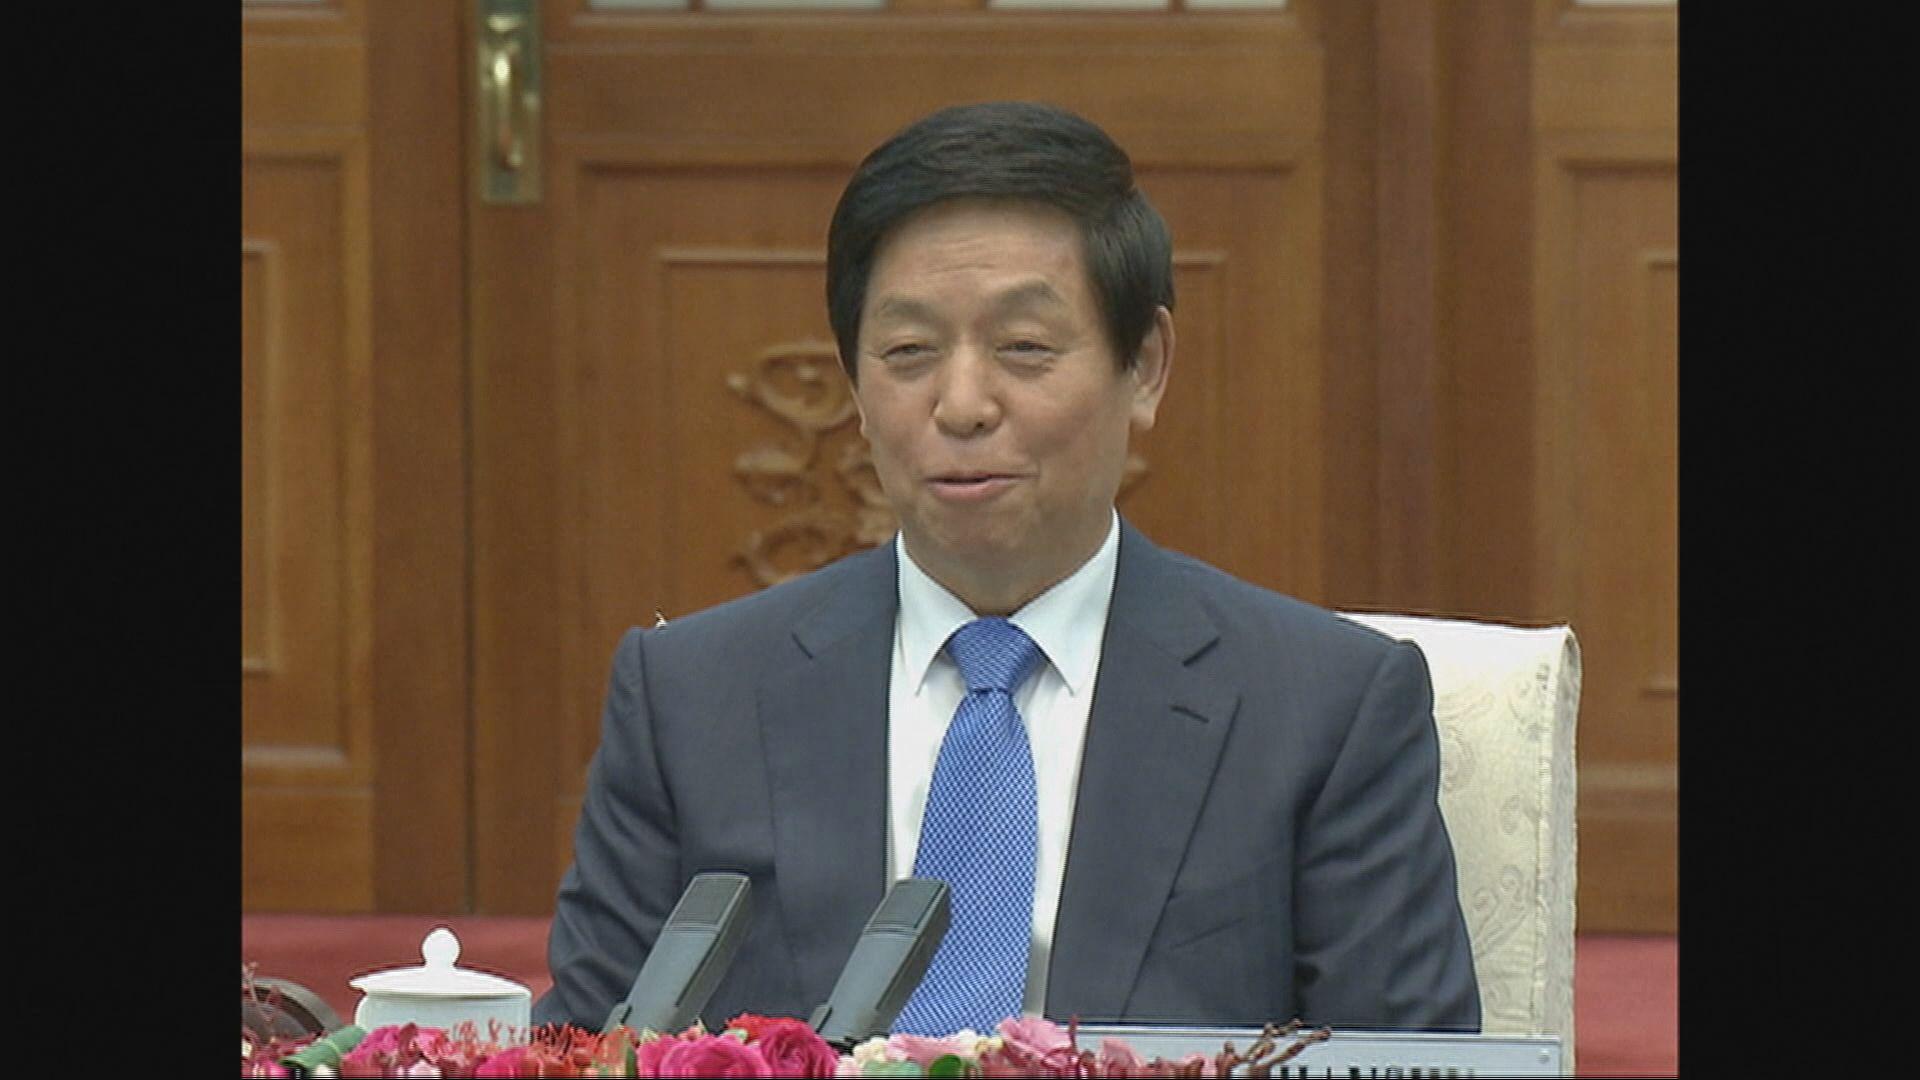 栗戰書將出席北韓建國70周年慶祝活動